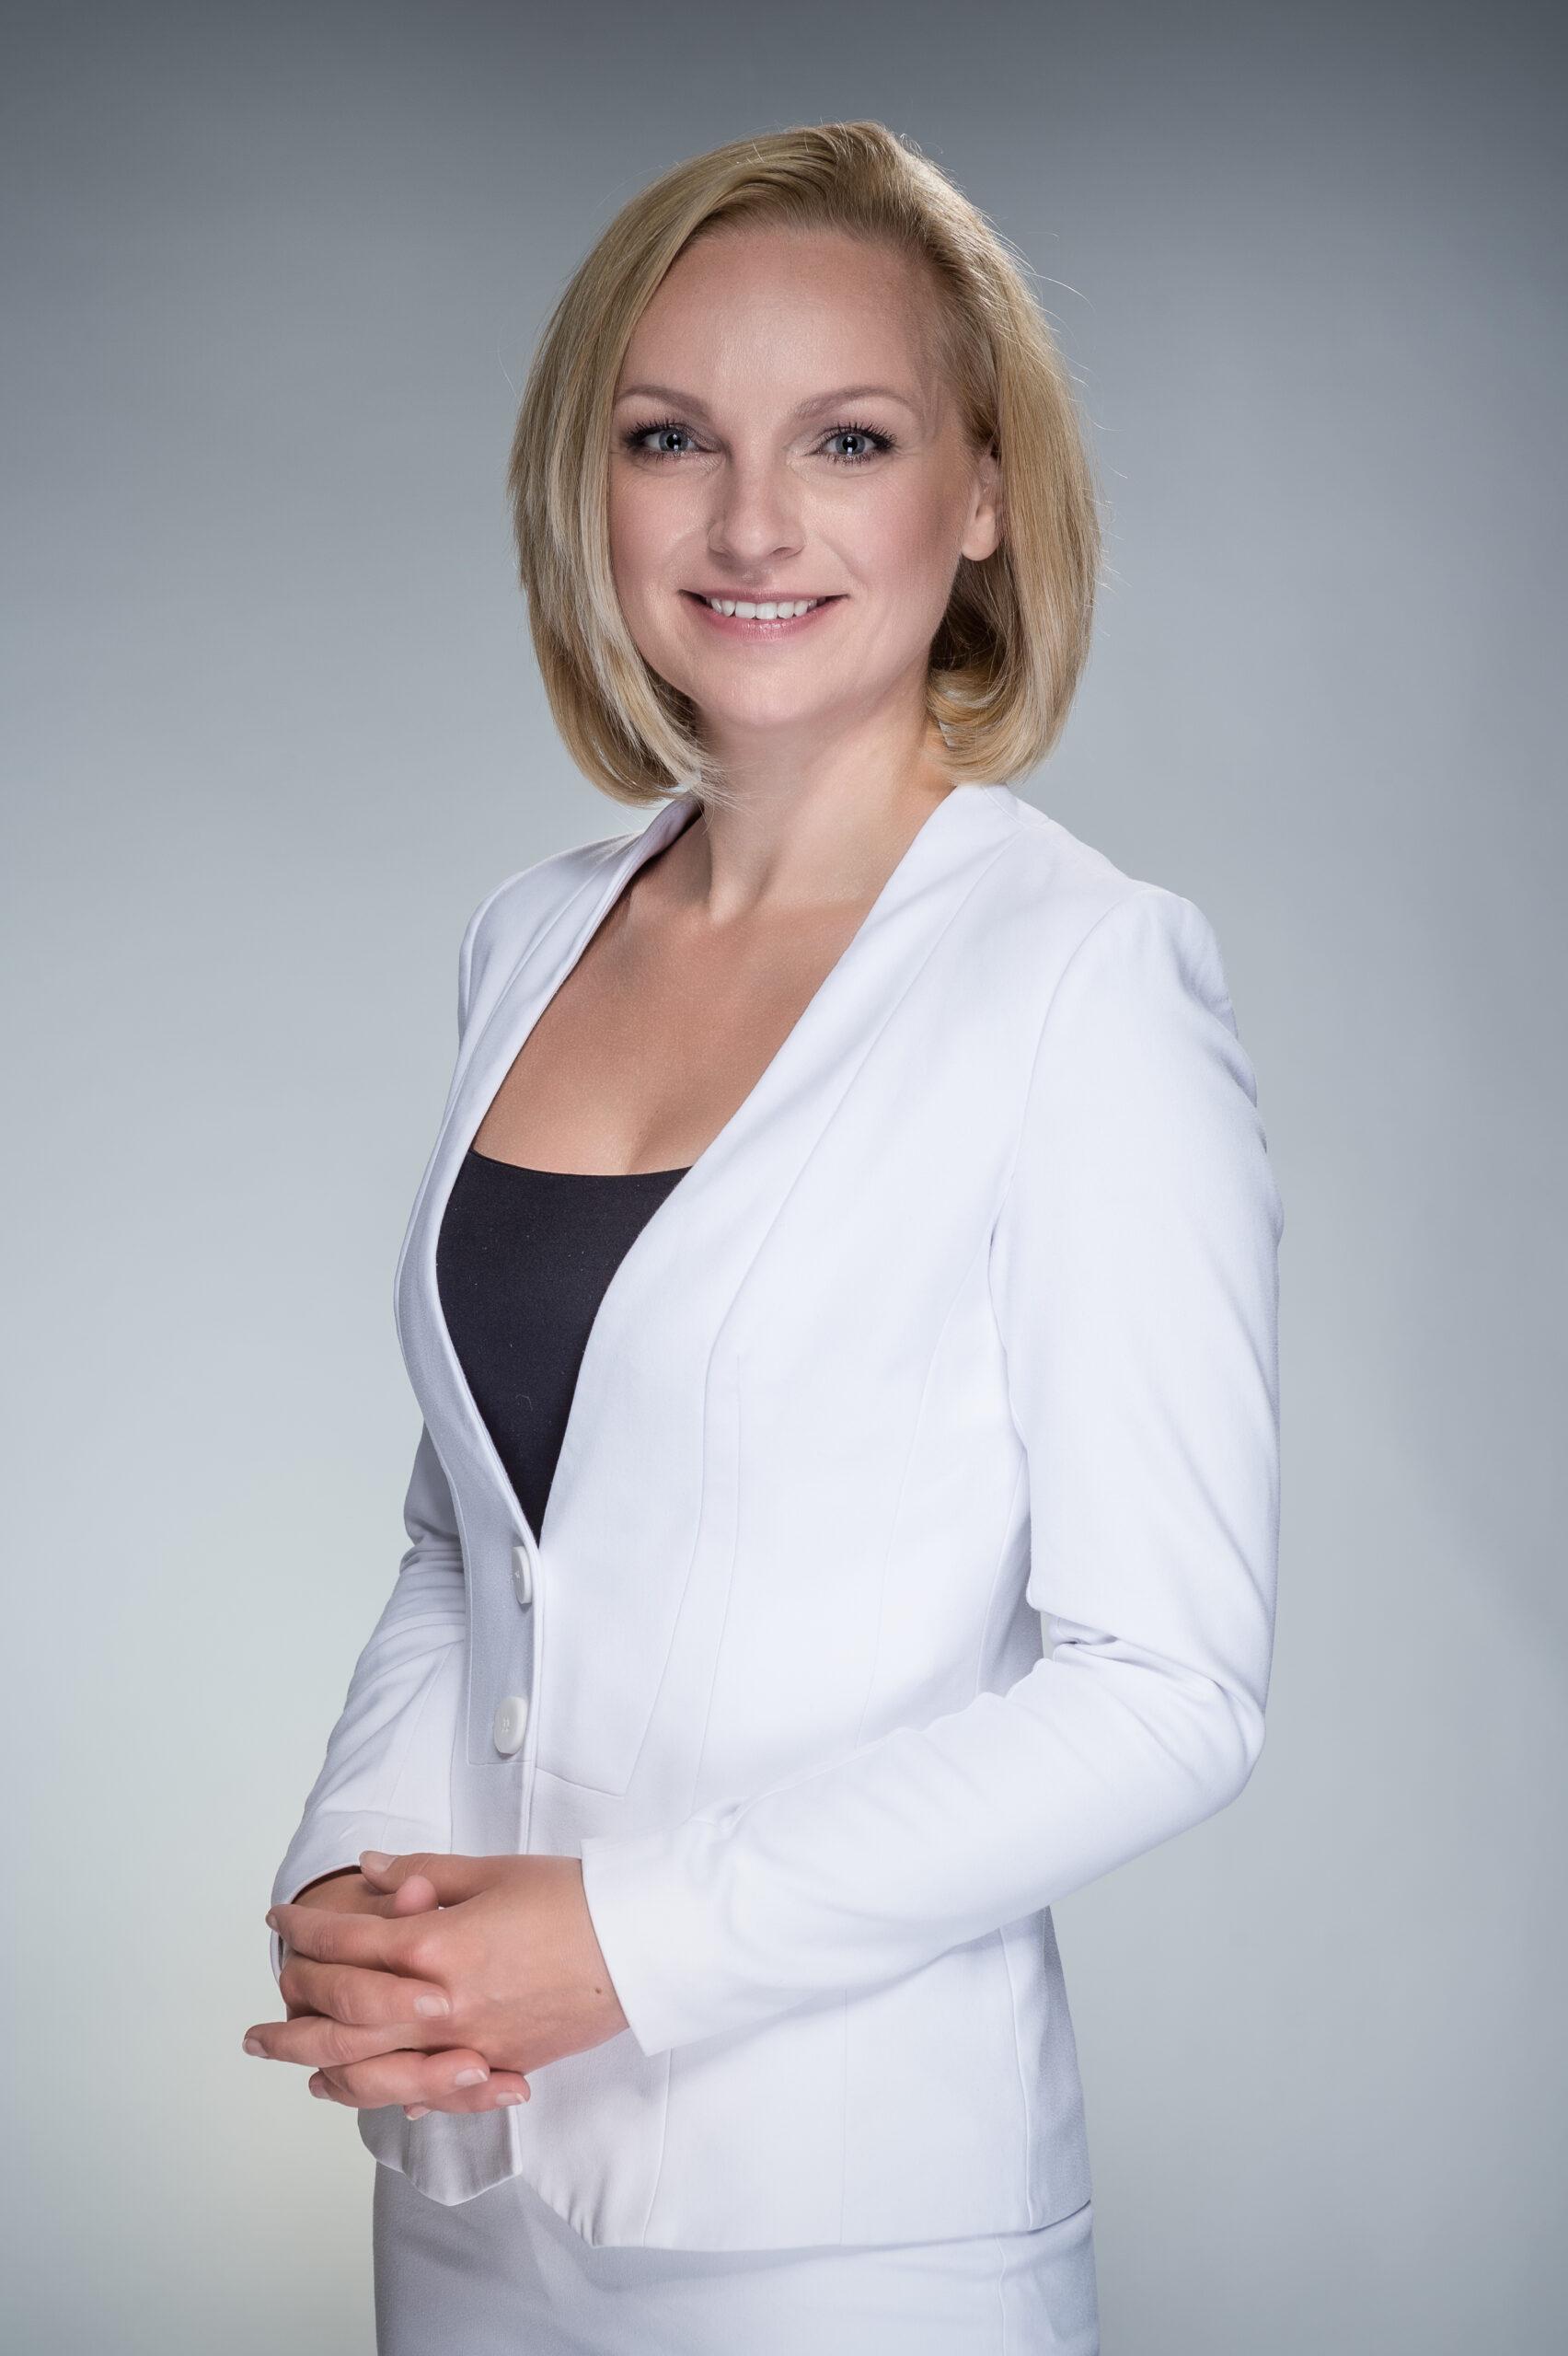 Agnieszka Jaszczuk